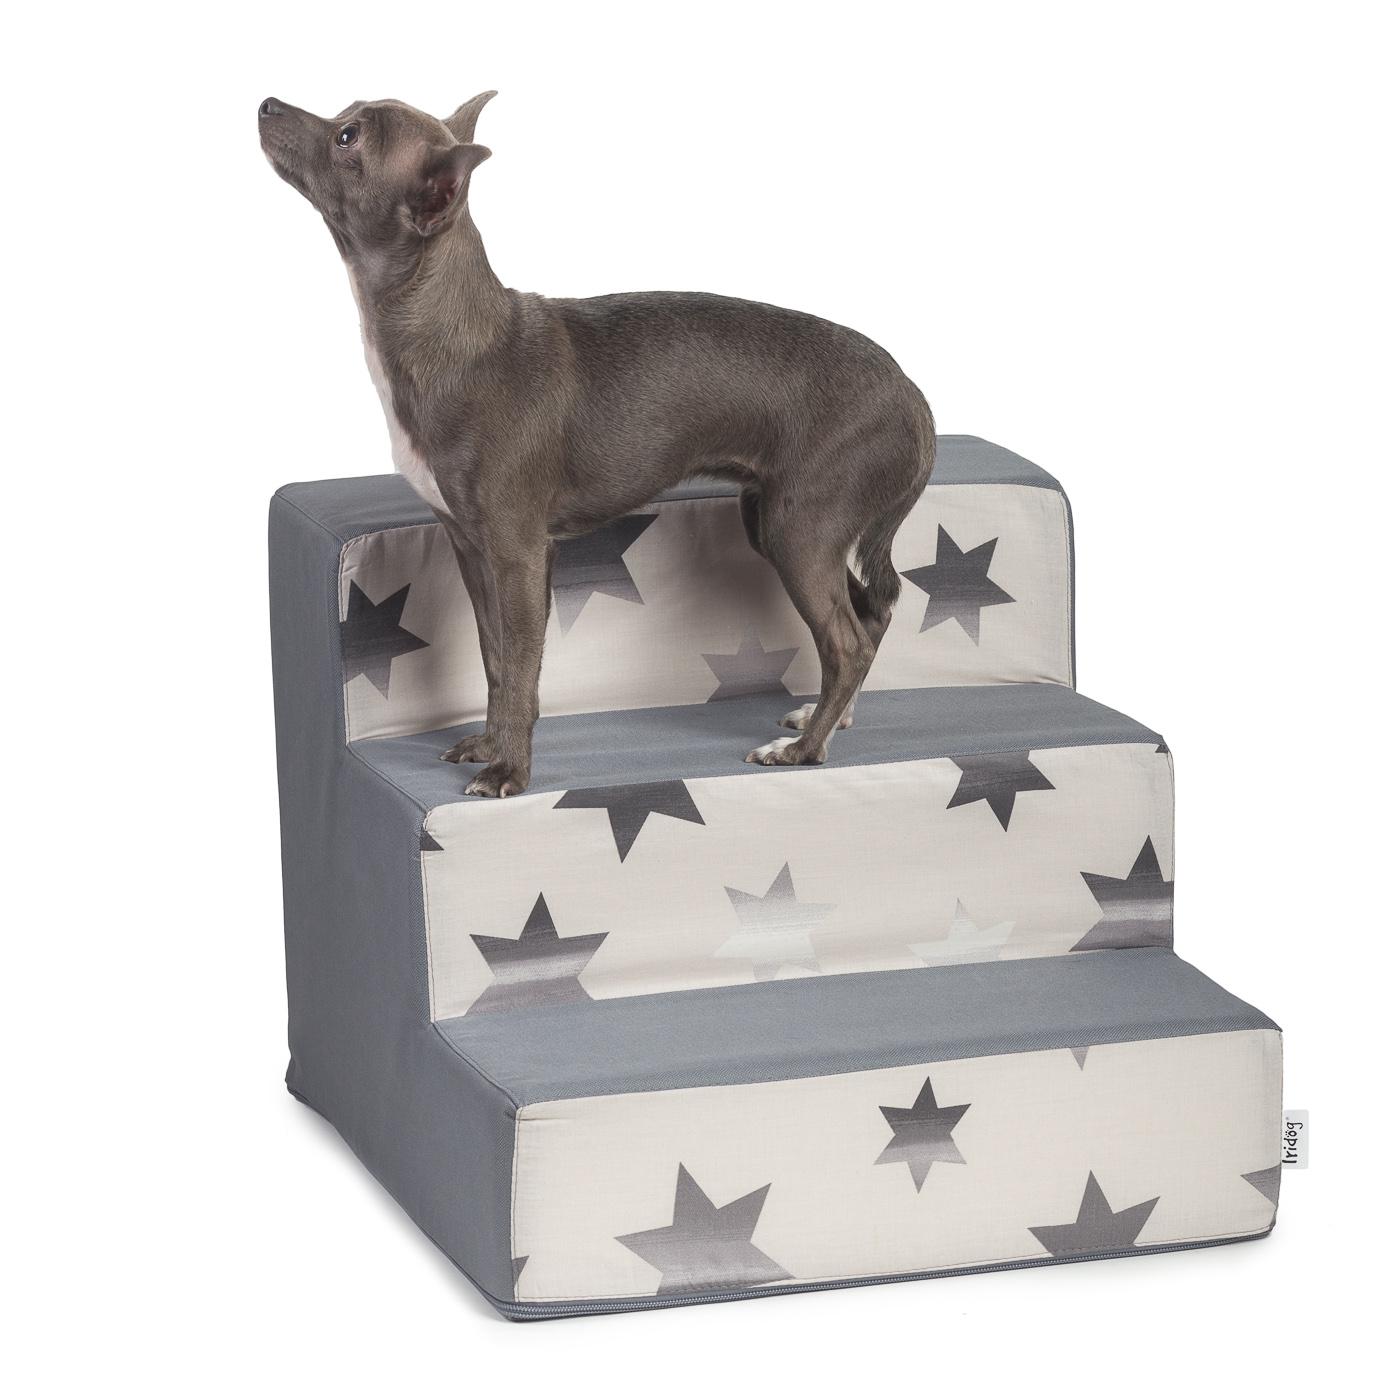 Schody pro psy, no. 41, hvězdičky, 1 malé